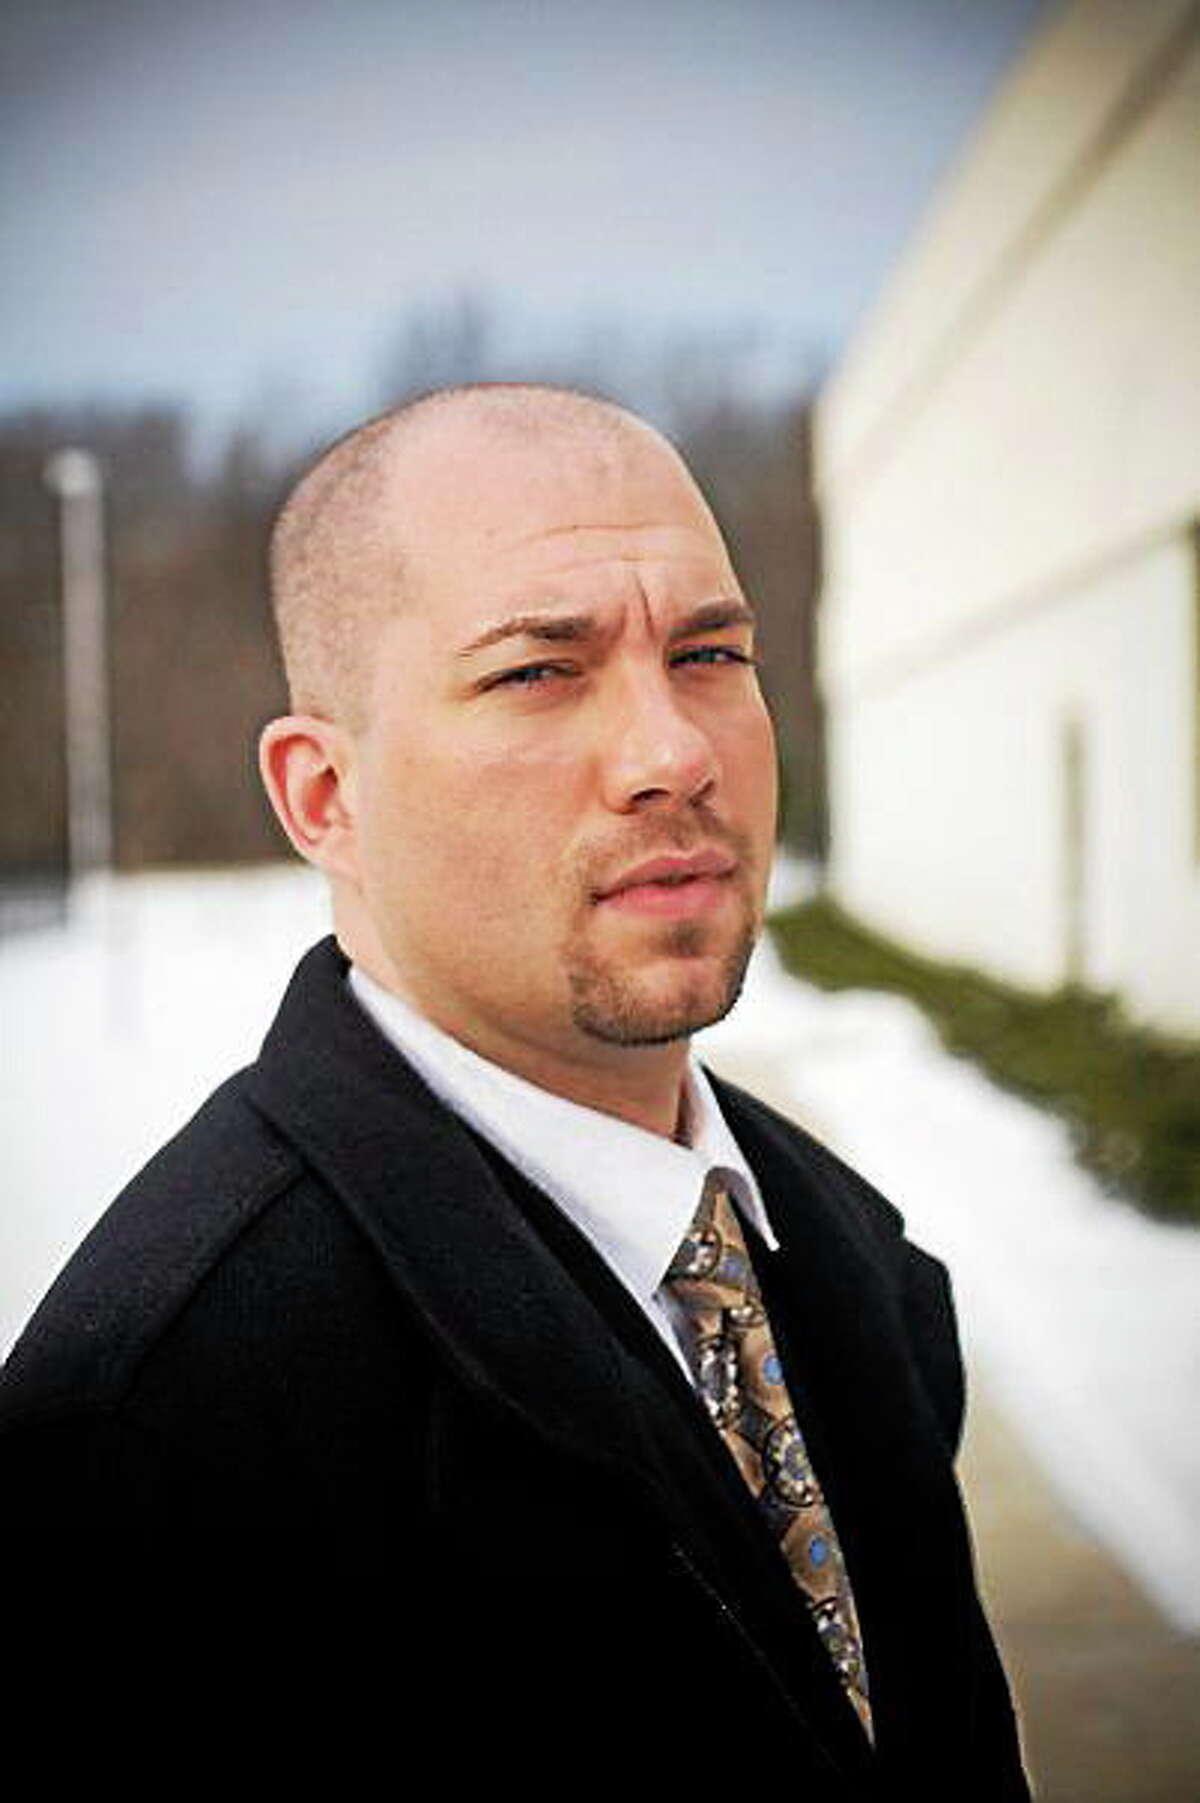 Rob Serafinowicz. Photo from from www.raslaw.com